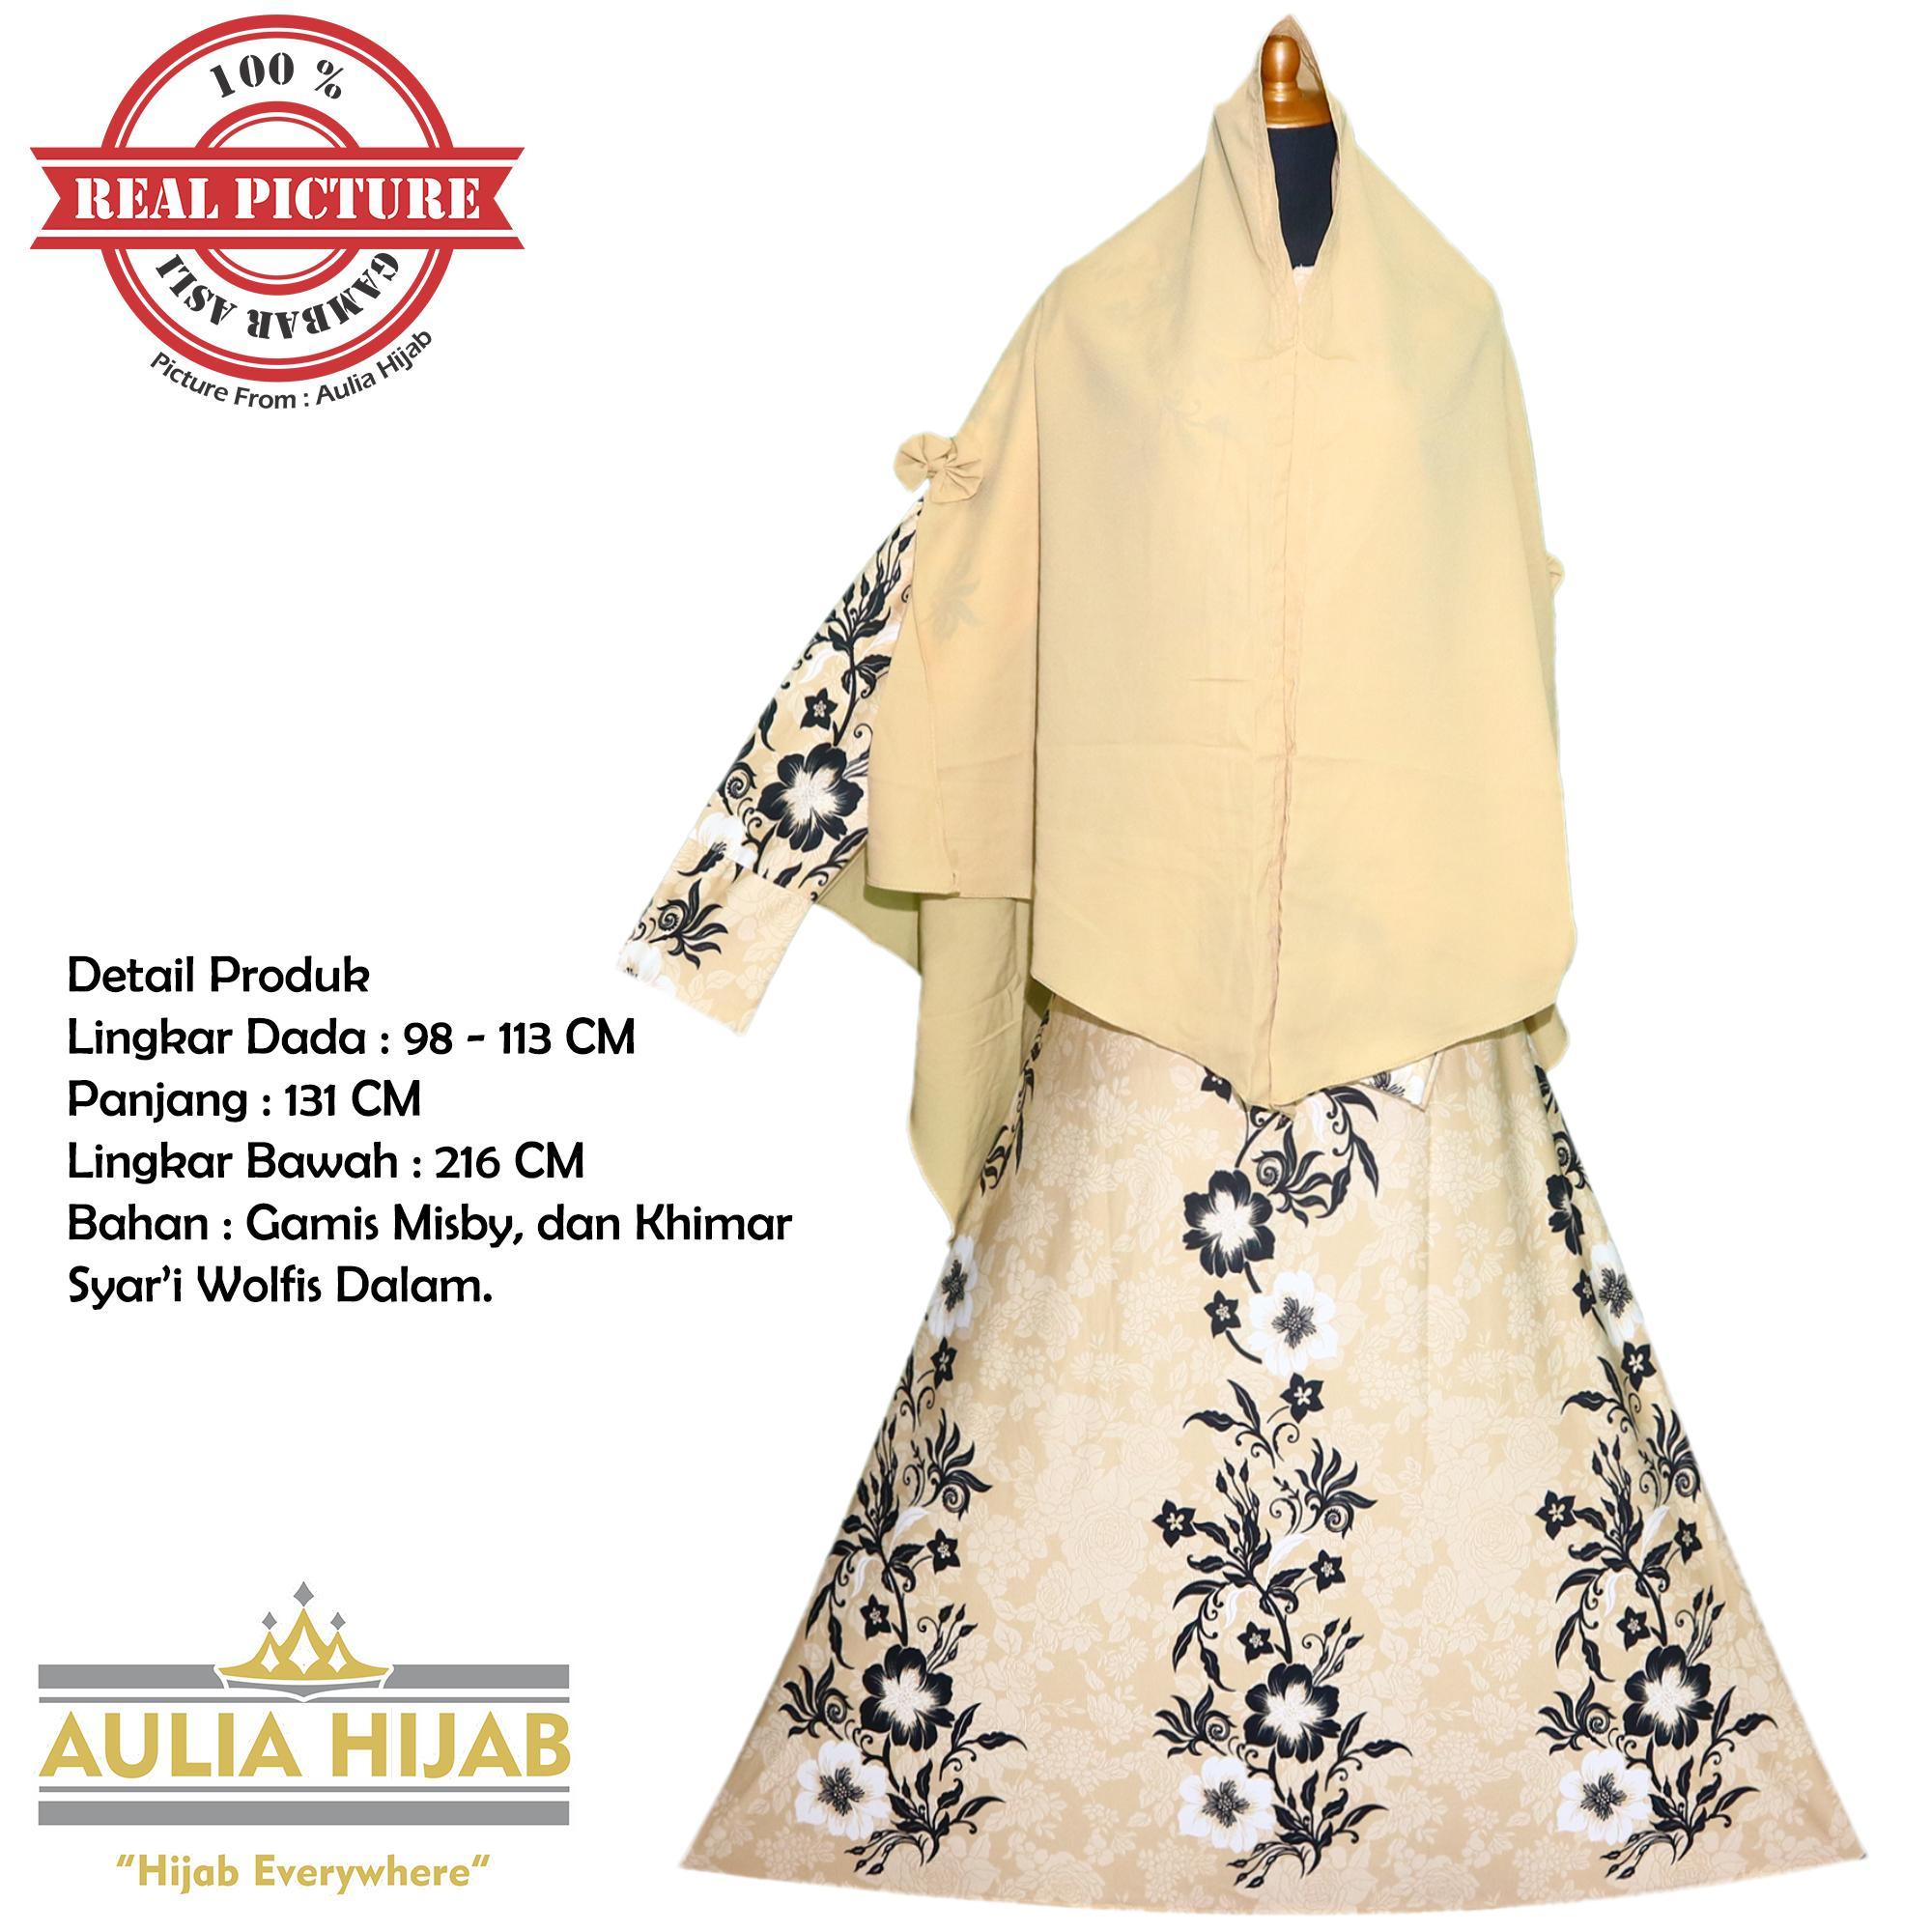 Aulia Hijab - New Queen Syar'i INCLUDE KHIMAR/Gamis Syar'i/Gamis Misby/Gamis Wolfis/Gamis Laser/Gamis Murah/Gamis Terbaru/Gamis Jilbab/Gamis Plus Jilbab/Gamis Jilbab Panjang/Gamis Plus Khimar/Gamis Pesta/Gamis Cantik